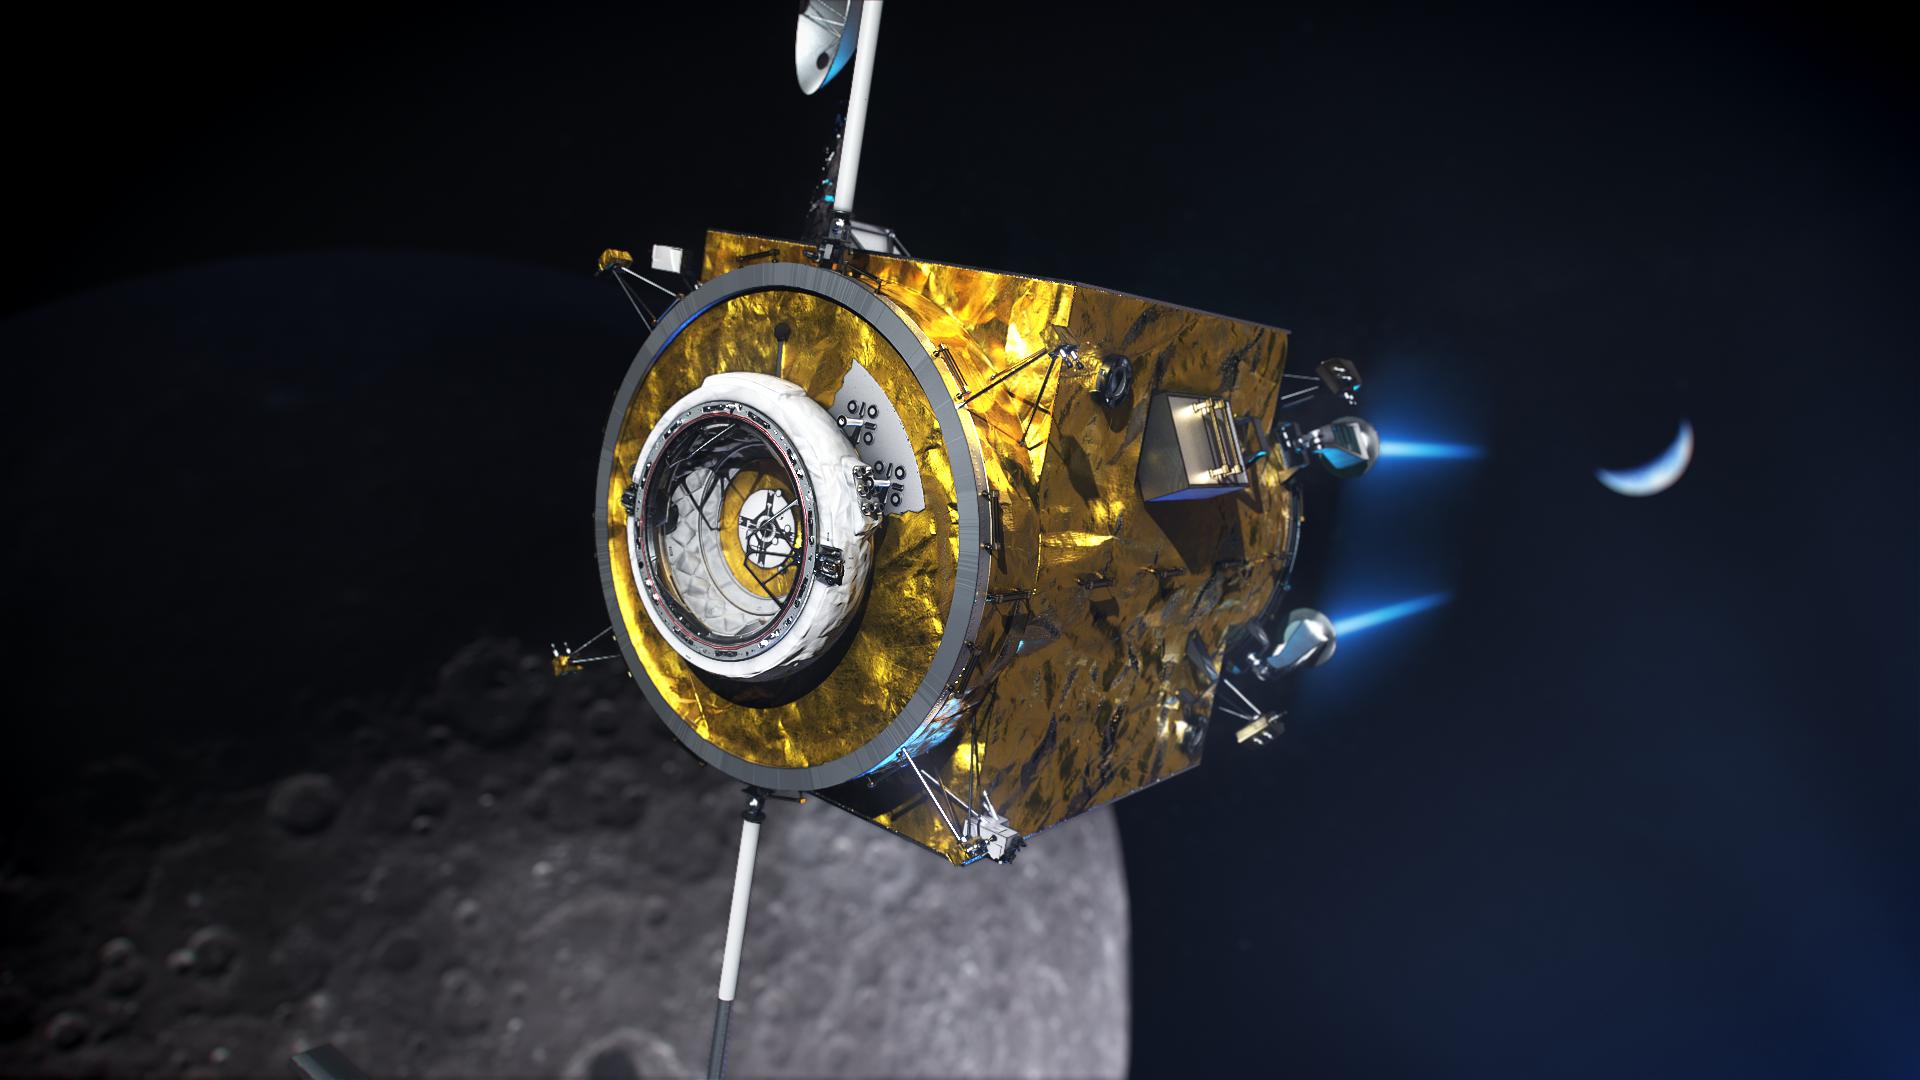 Лунная миссия «Артемида» — начато производство основного элемента лунной орбитальной станции «Lunar Gateway»